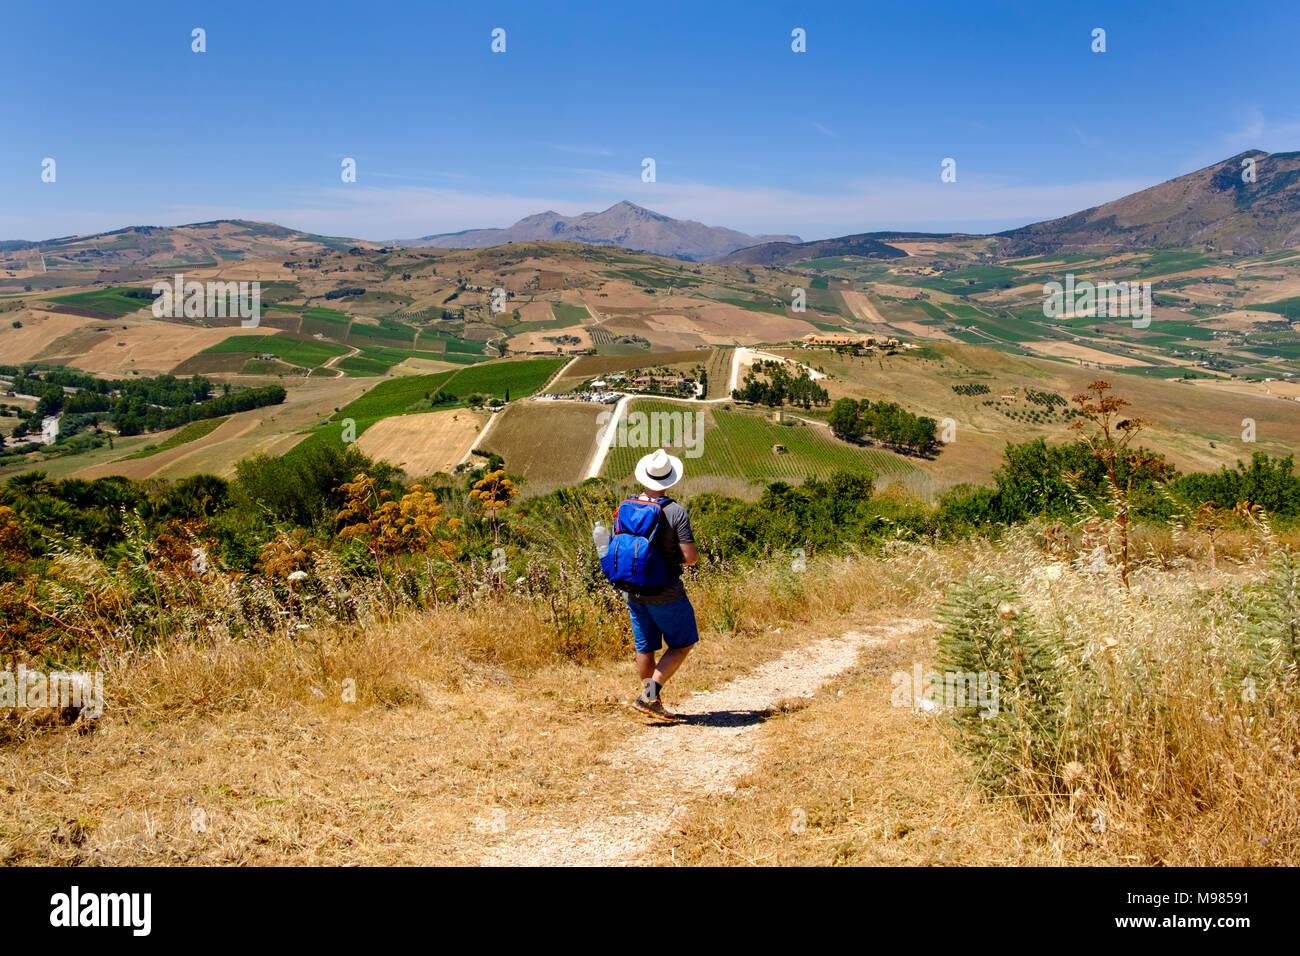 Wanderer an der griechische Tempelanlage Segesta, Provinz Trapani, Sizilien, Italien - Stock Image